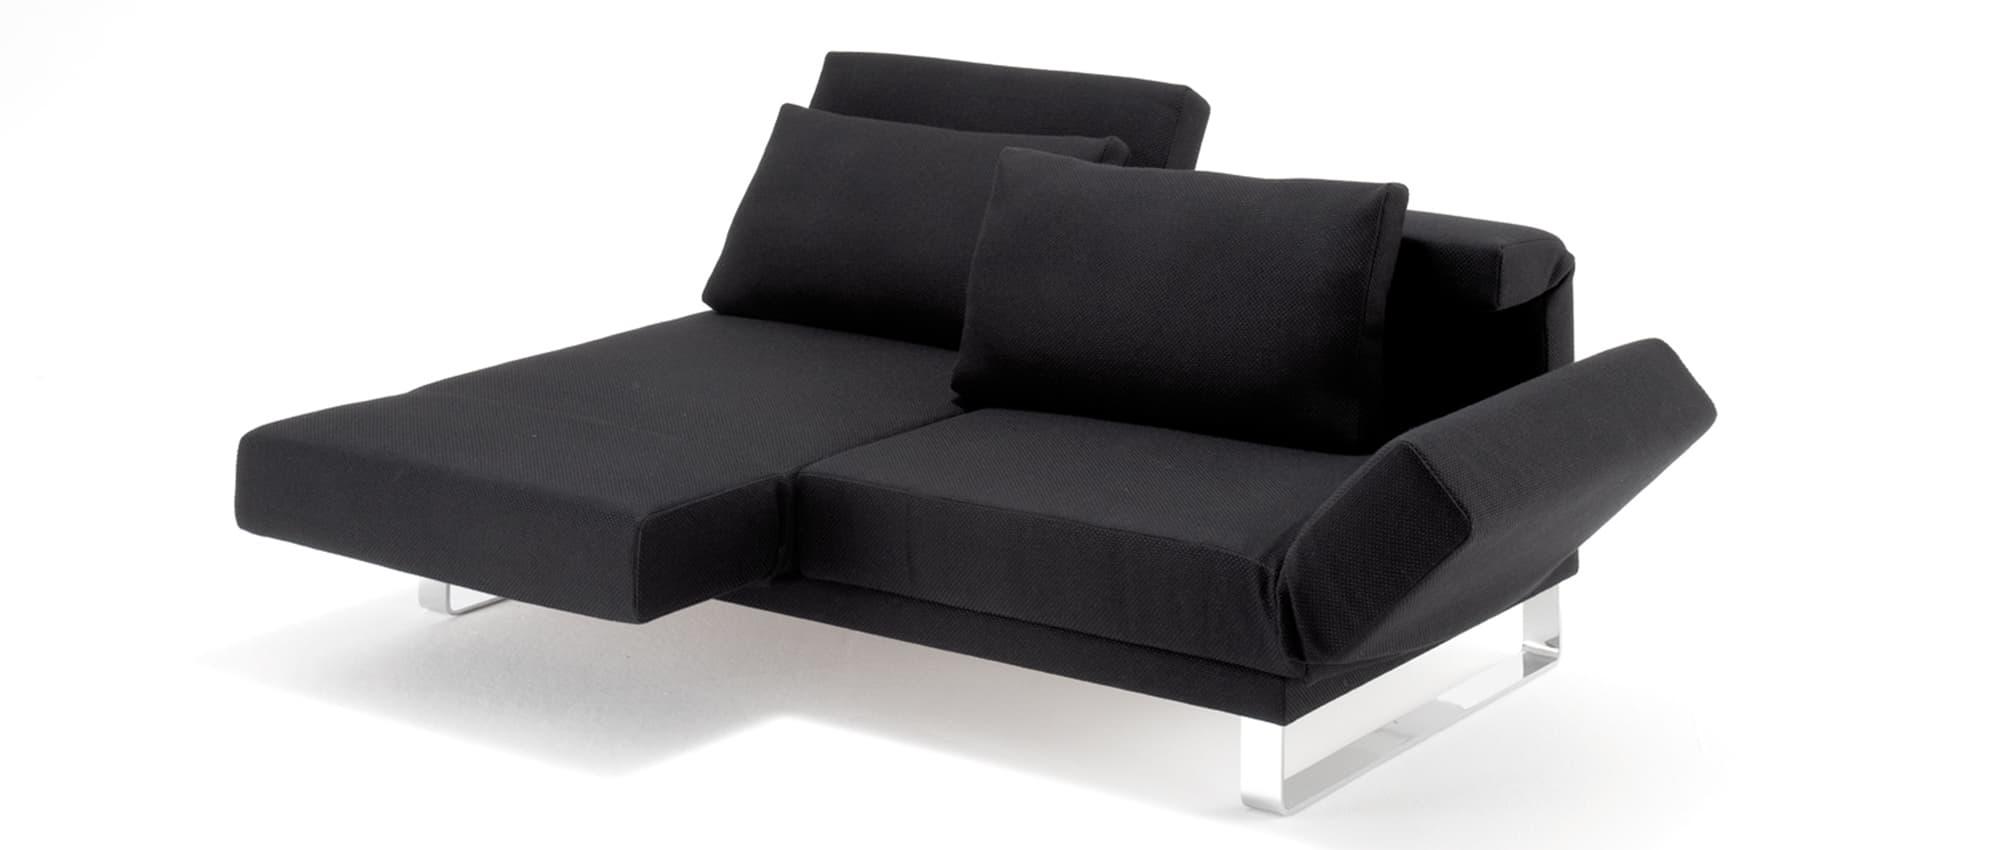 Schlafsofa RIGA von Franz Fertig mit Metallkufen und klappbaren Lehnen. Klappbare Armlehne. Relaxposition. Sofa in schwarz.